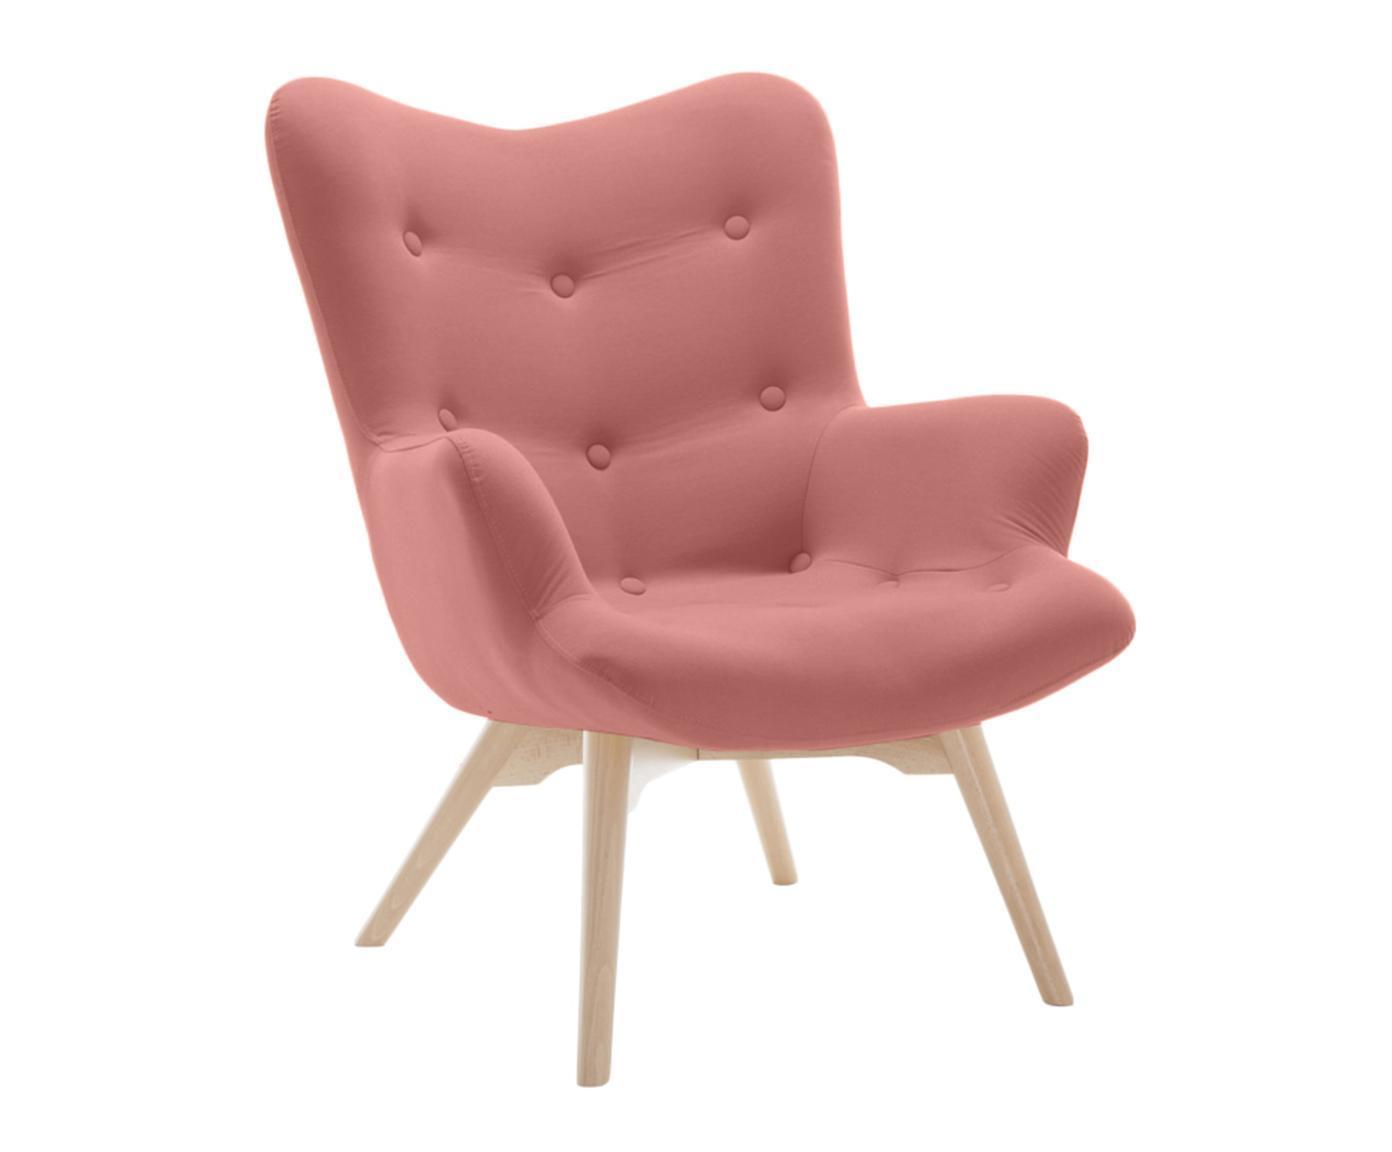 Malmo Lounge Chair